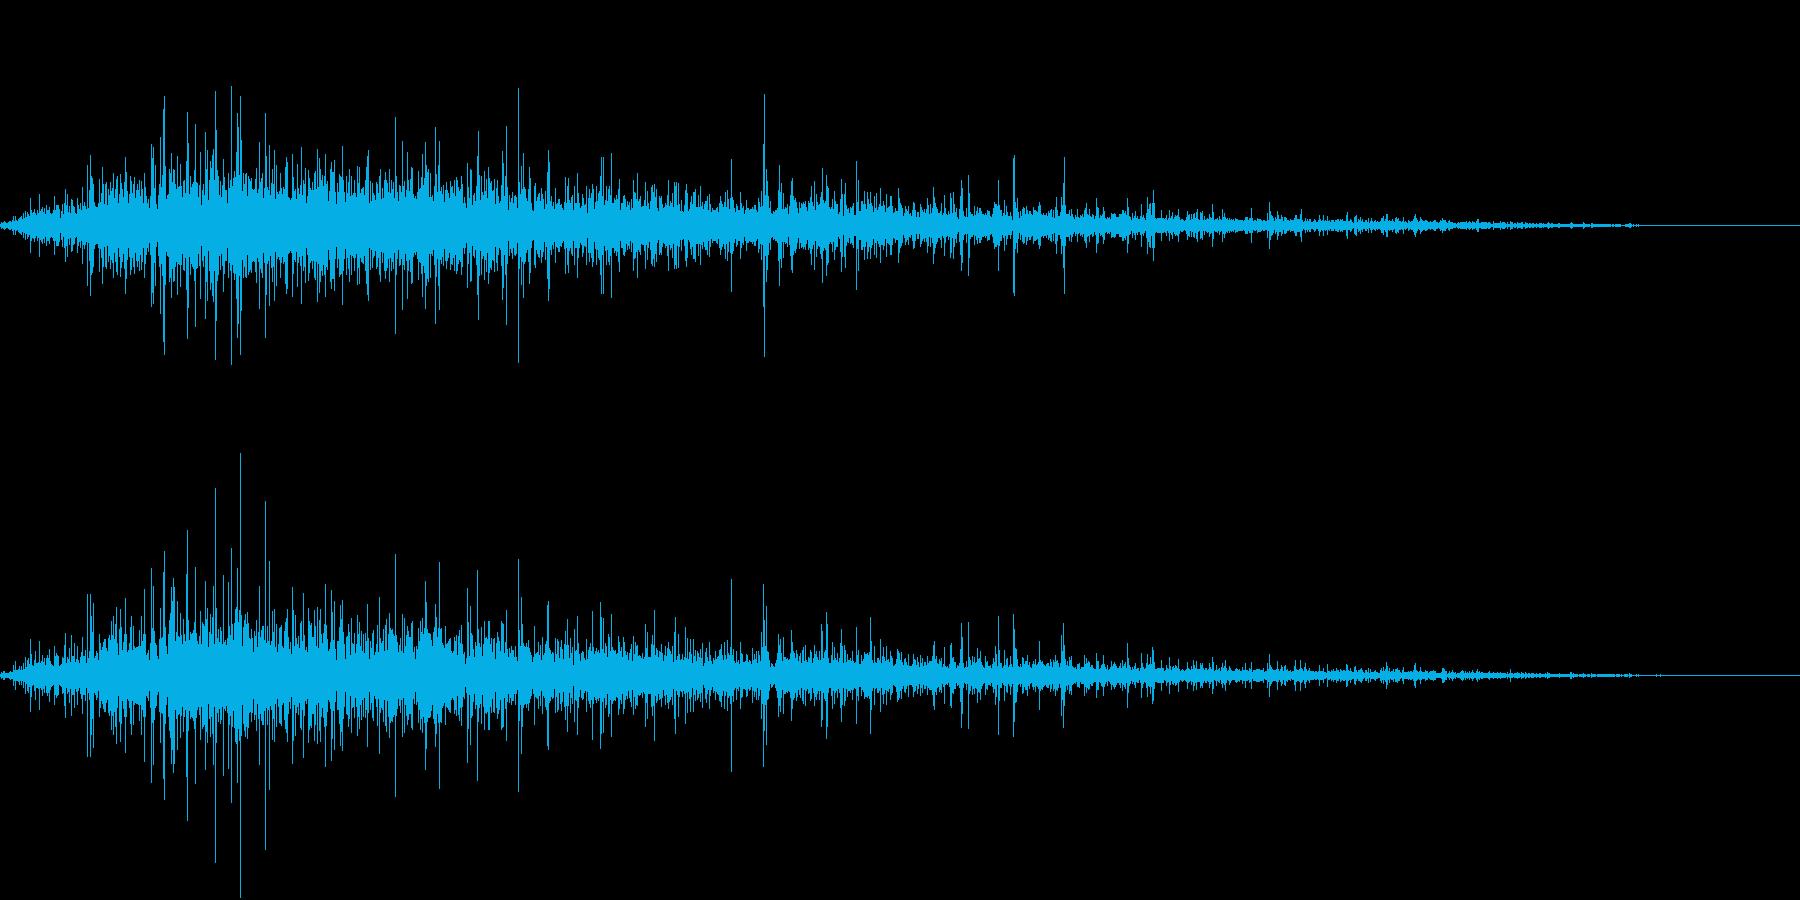 【生録音】ジューっと食材が焼ける音 1の再生済みの波形